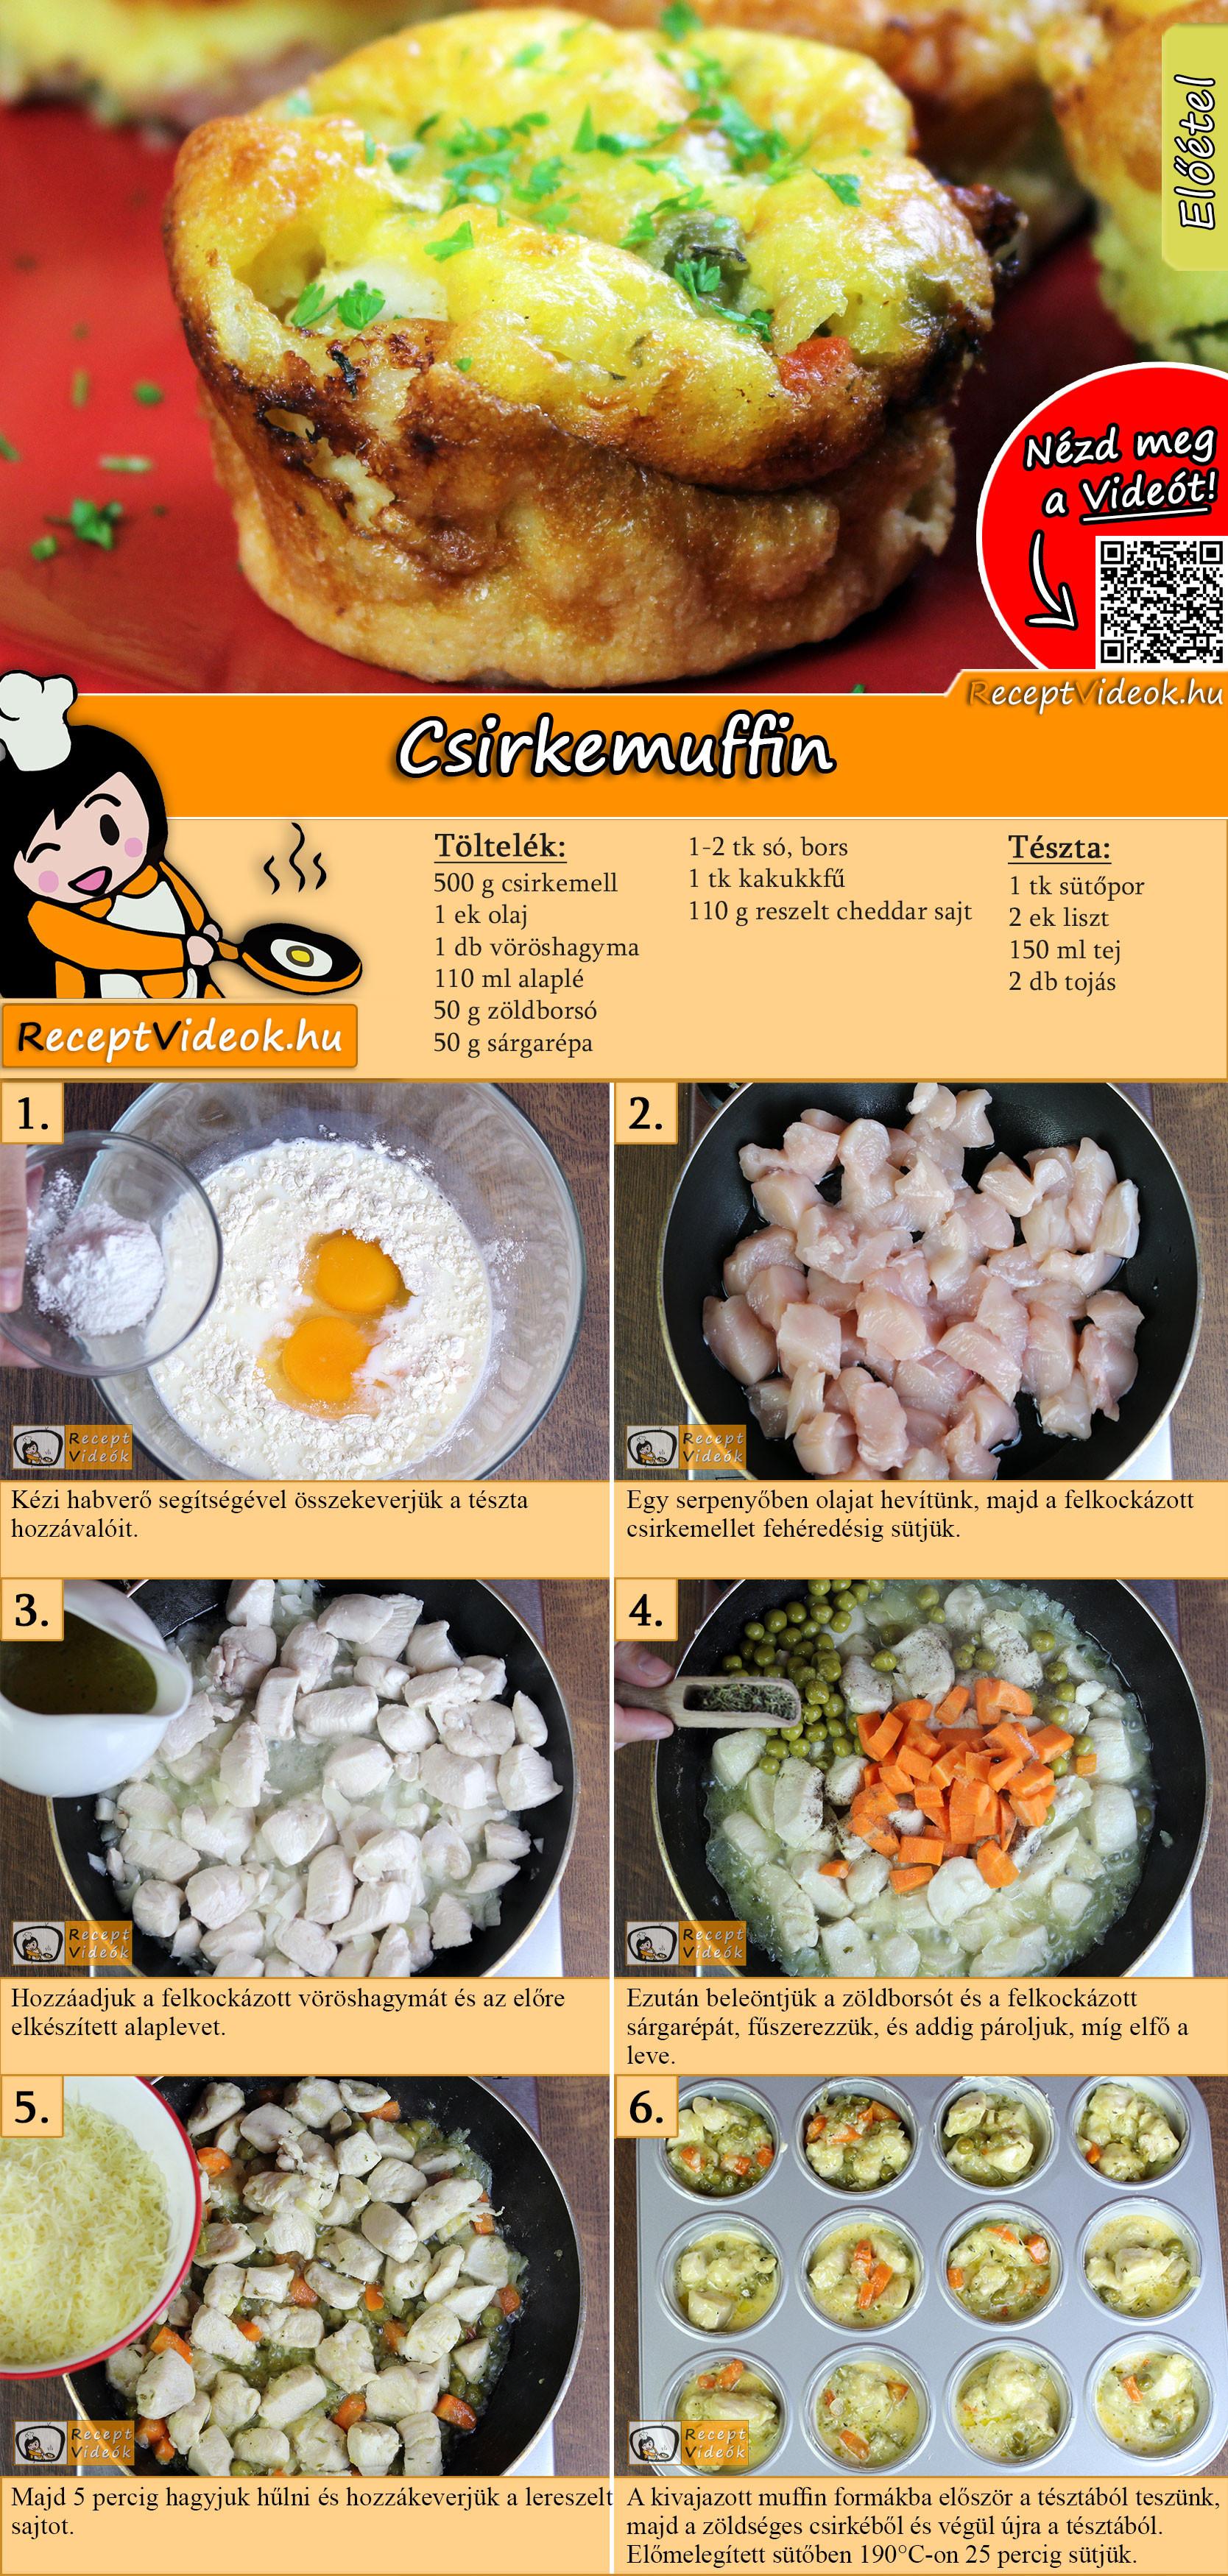 Csirkemuffin recept elkészítése videóval